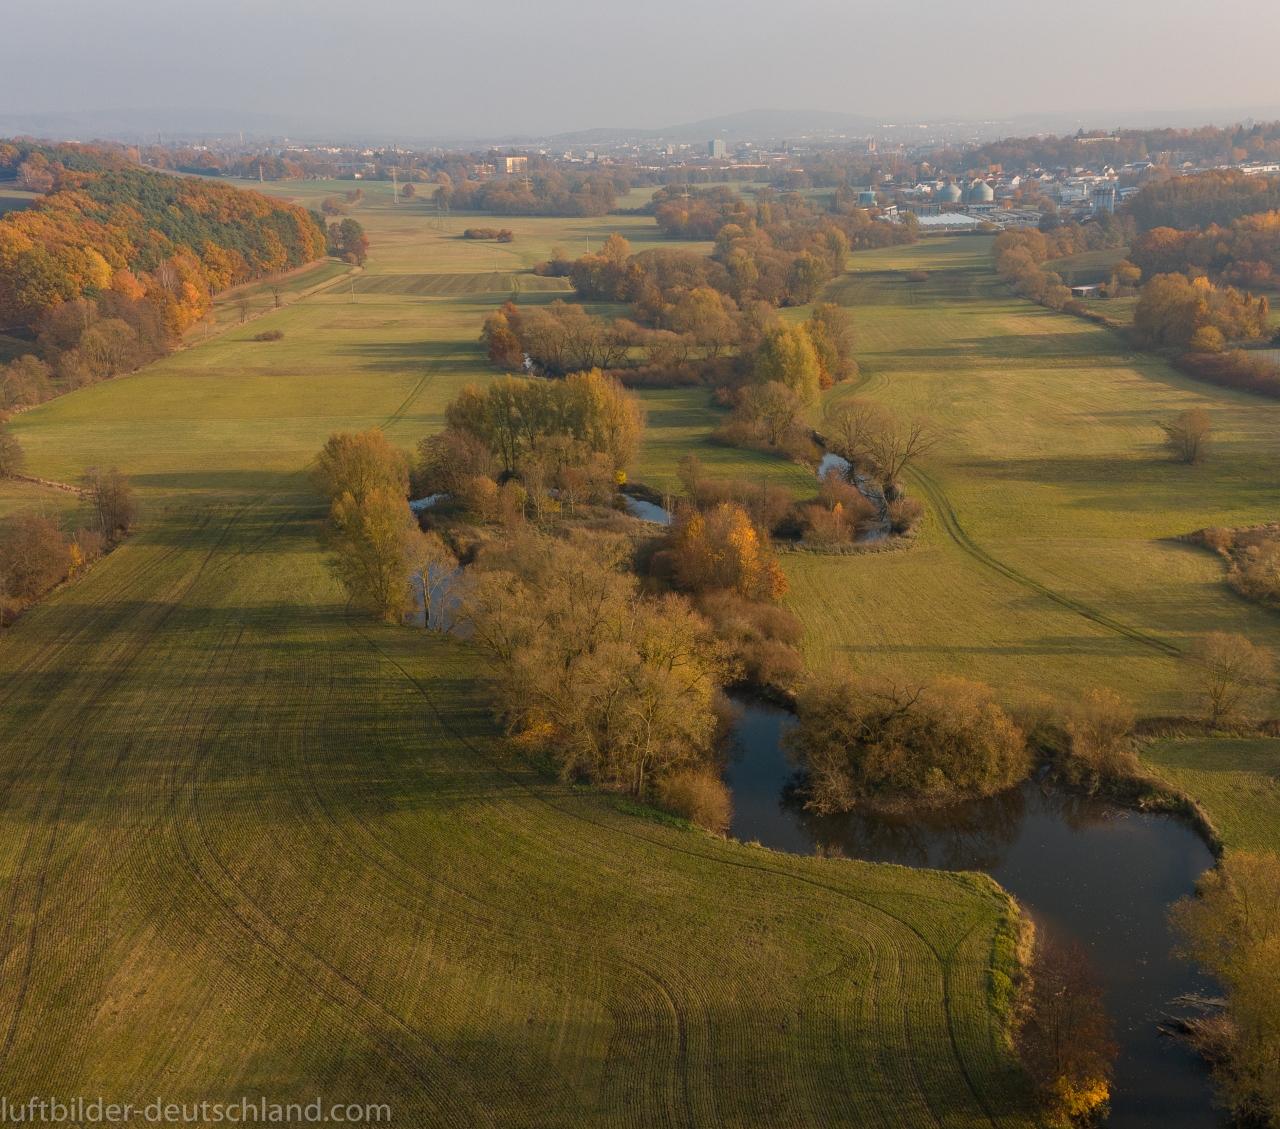 Rot-Main-Auen-Weg, Bayreuth, Heinersreuth, Neudrossenfeld, luftbilder-deutschland.com